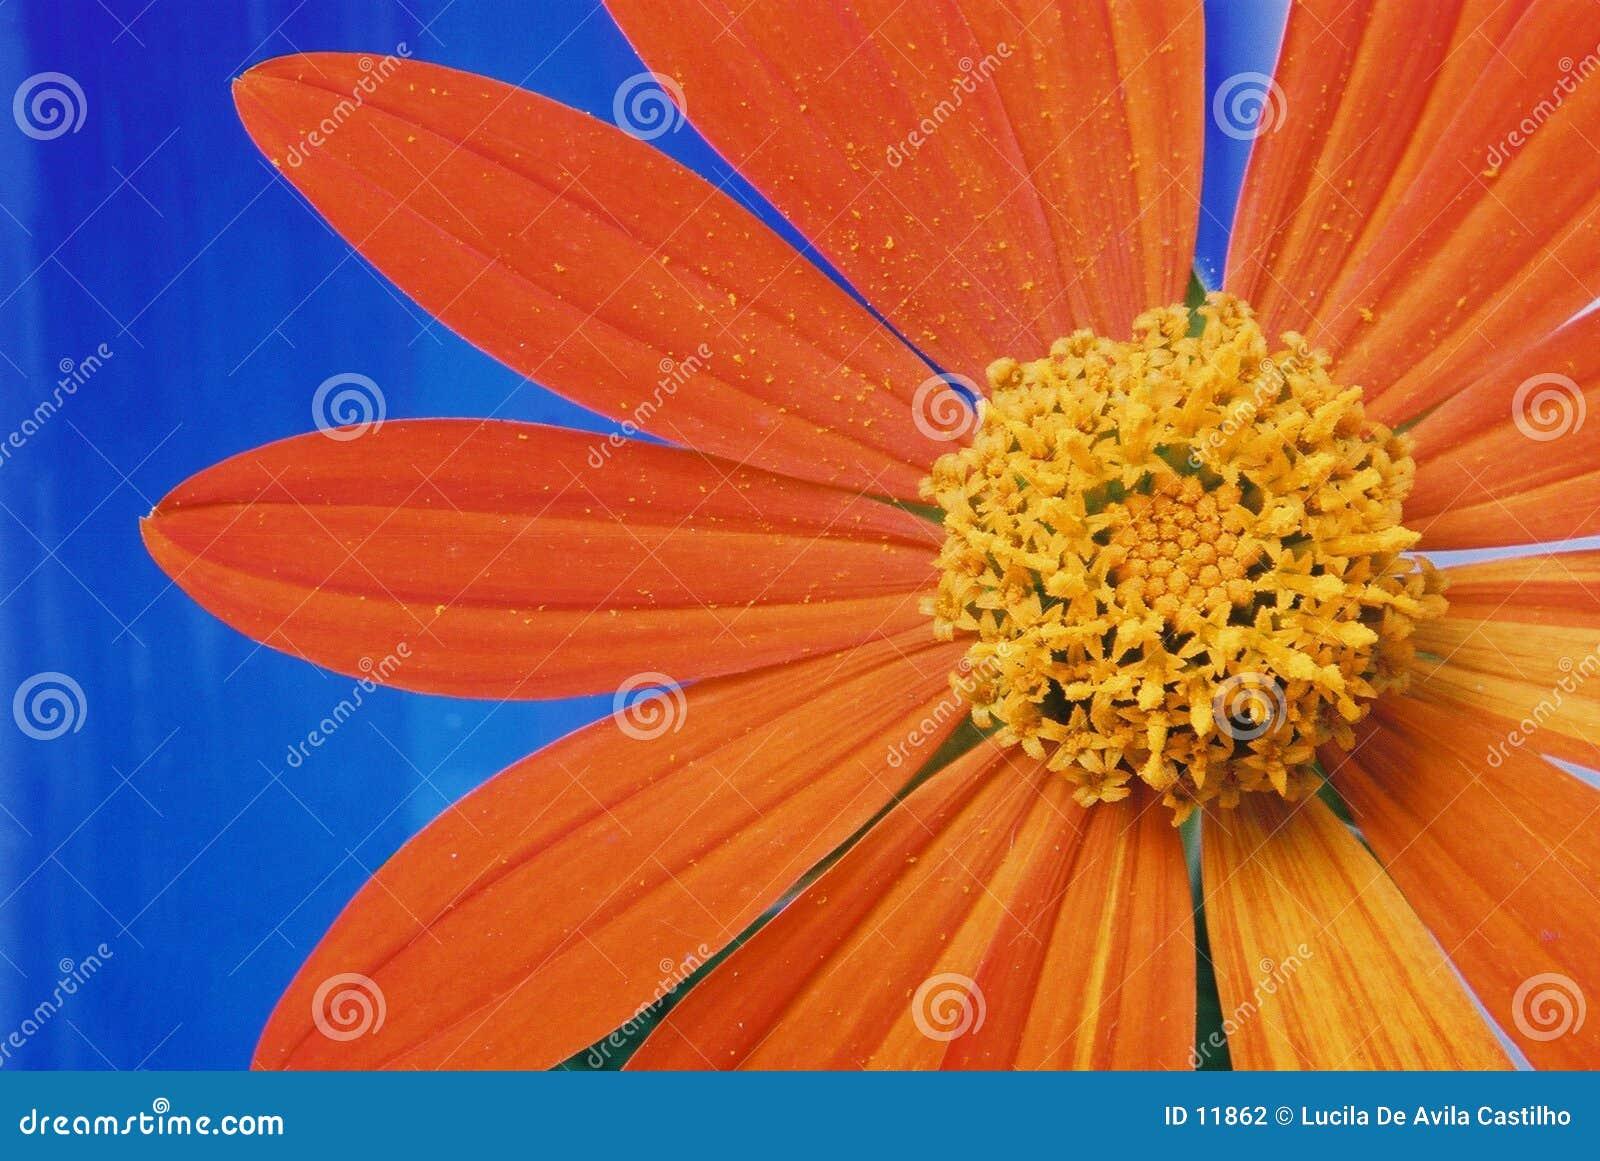 Fleur et pétales oranges